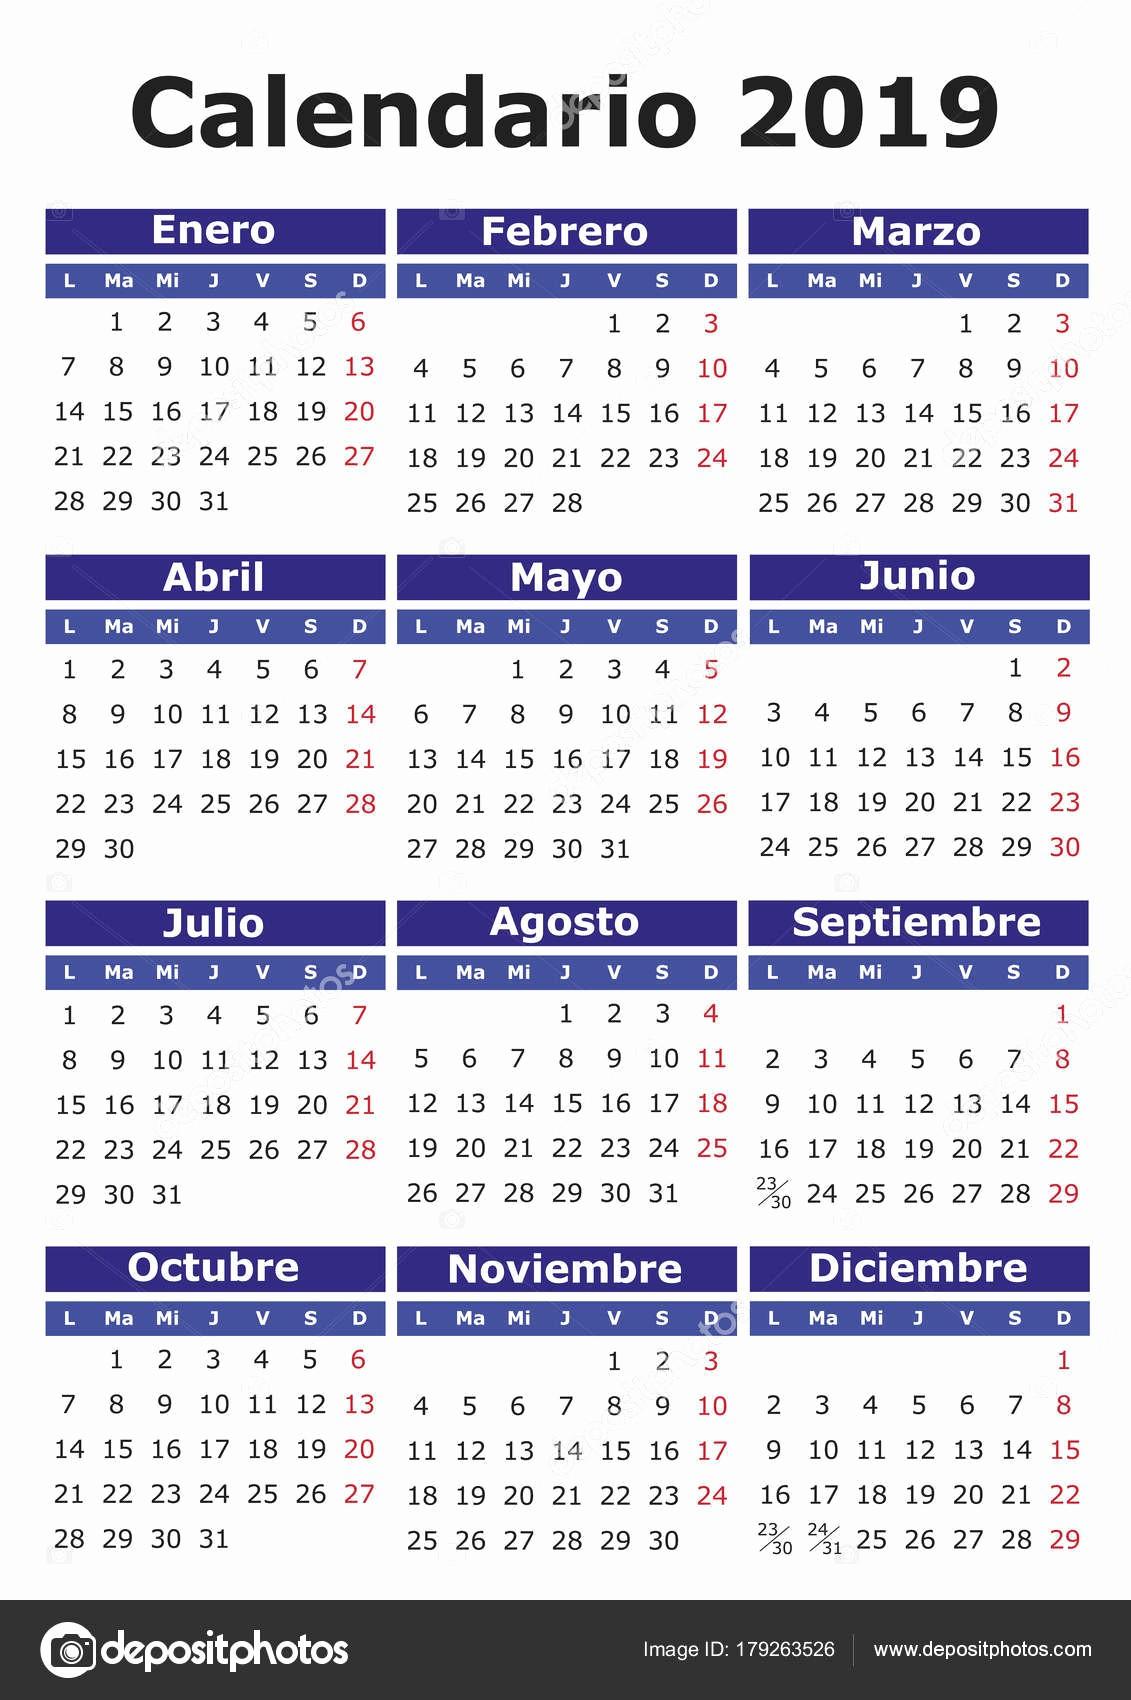 Calendario Cronologico 2019 Espanhol Calendario 2019 Vetores De Stock